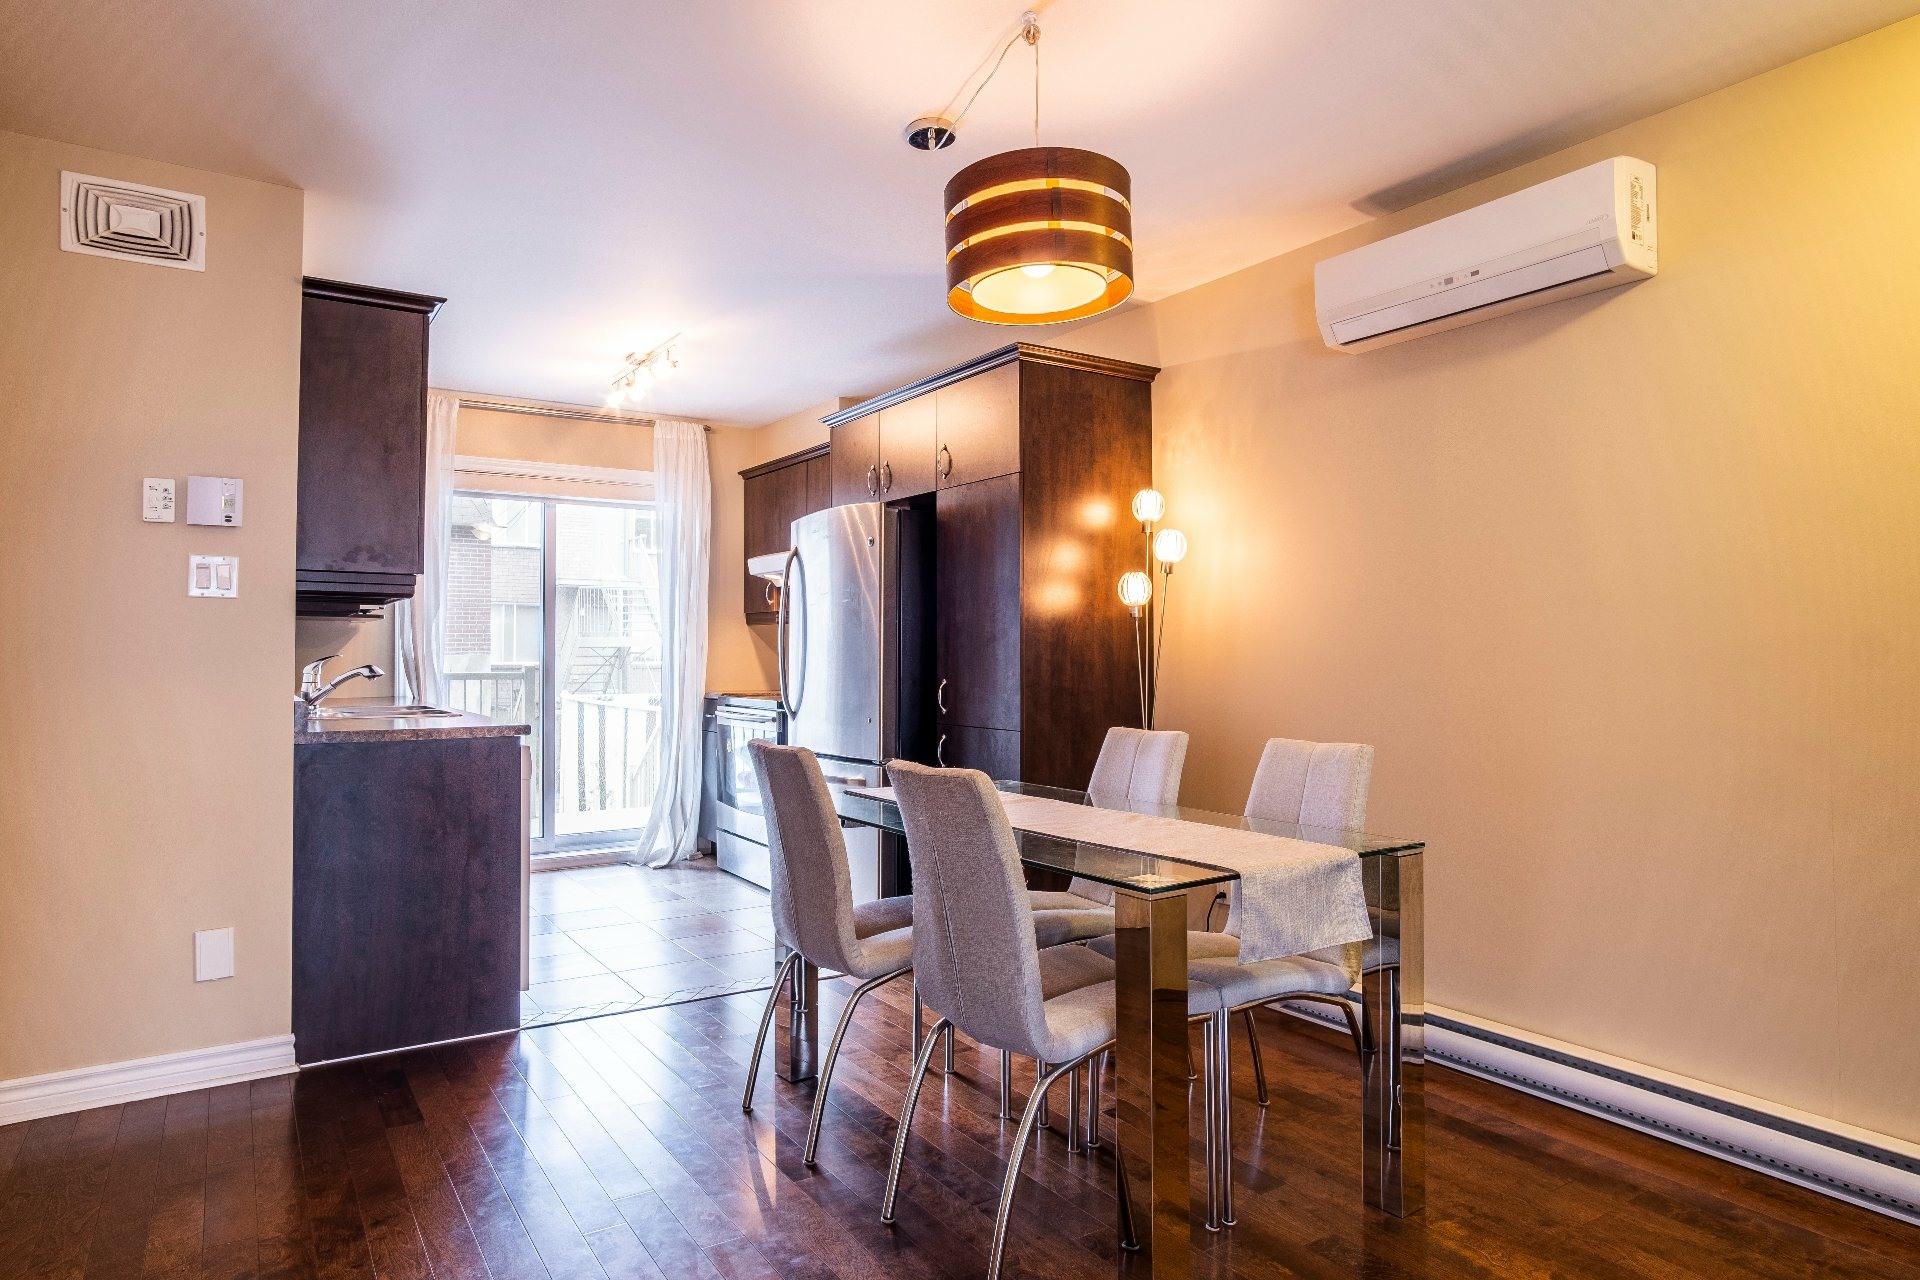 image 8 - Appartement À vendre Lachine Montréal  - 9 pièces